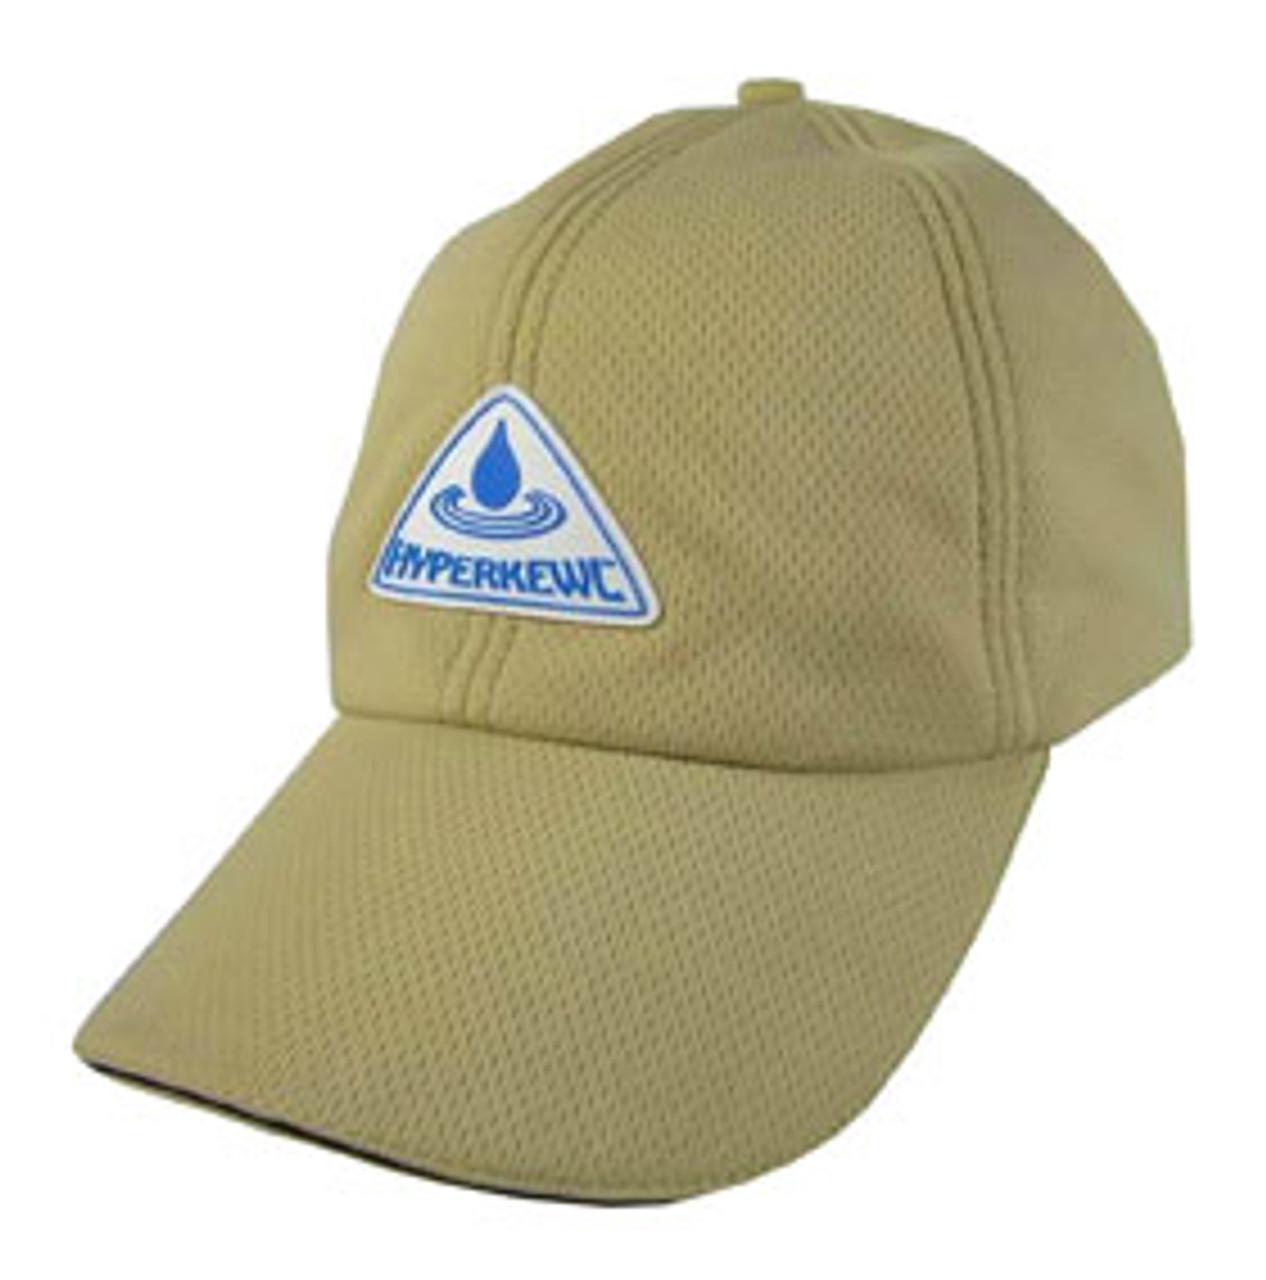 Evaporative Cooling Cap